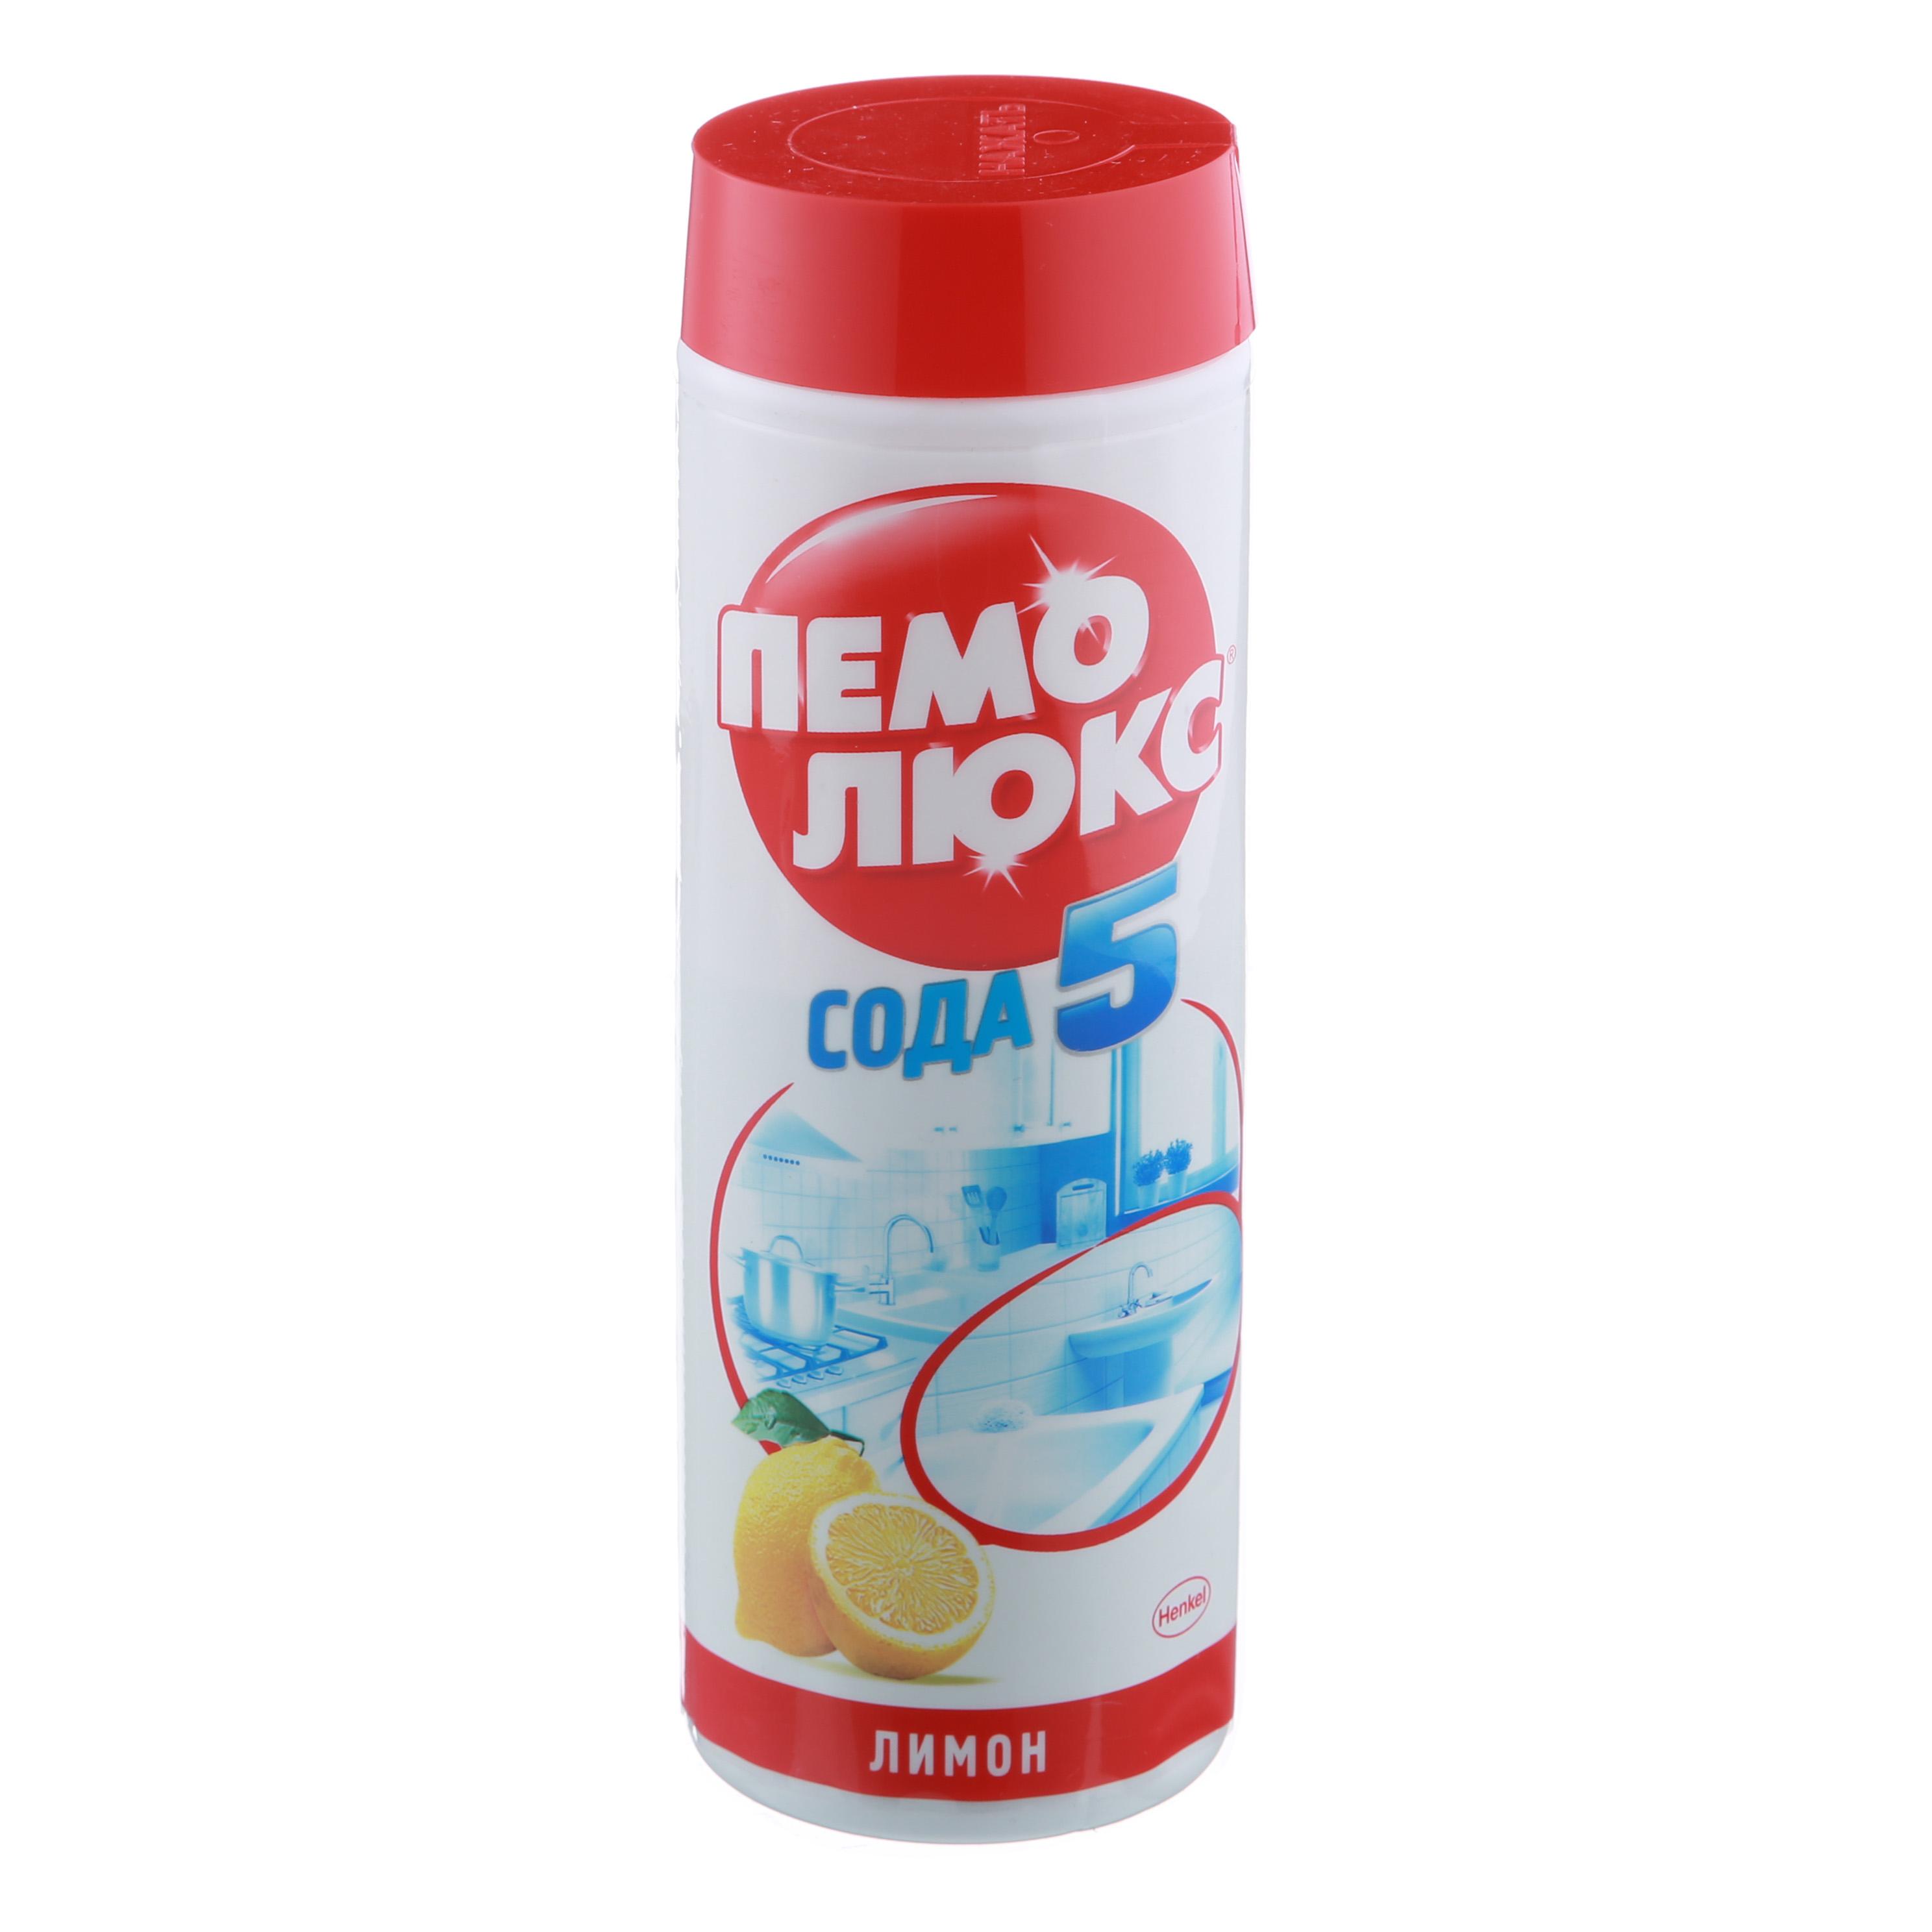 """Порошок чистящий для поверхностей Пемолюкс """"Сода 5"""", 480г, лимон"""